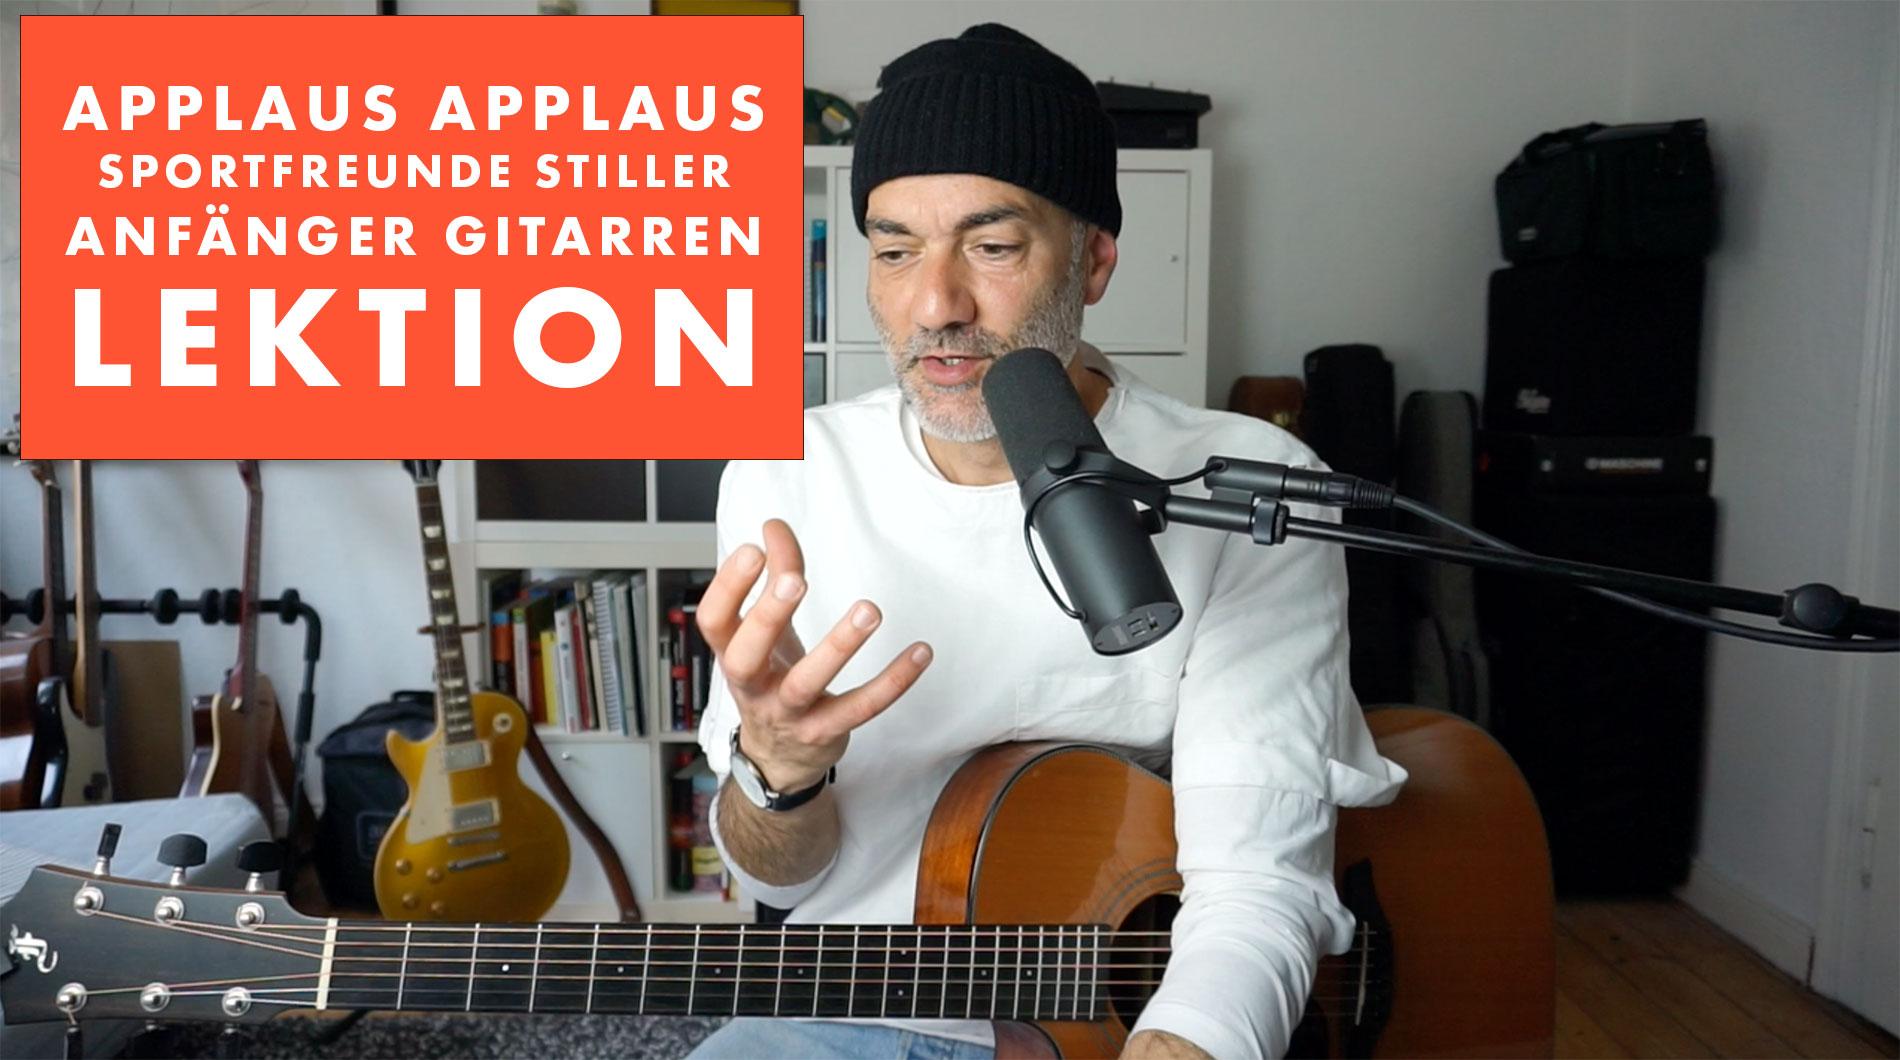 Applaus Applaus – Anfänger Gitarren Lektion